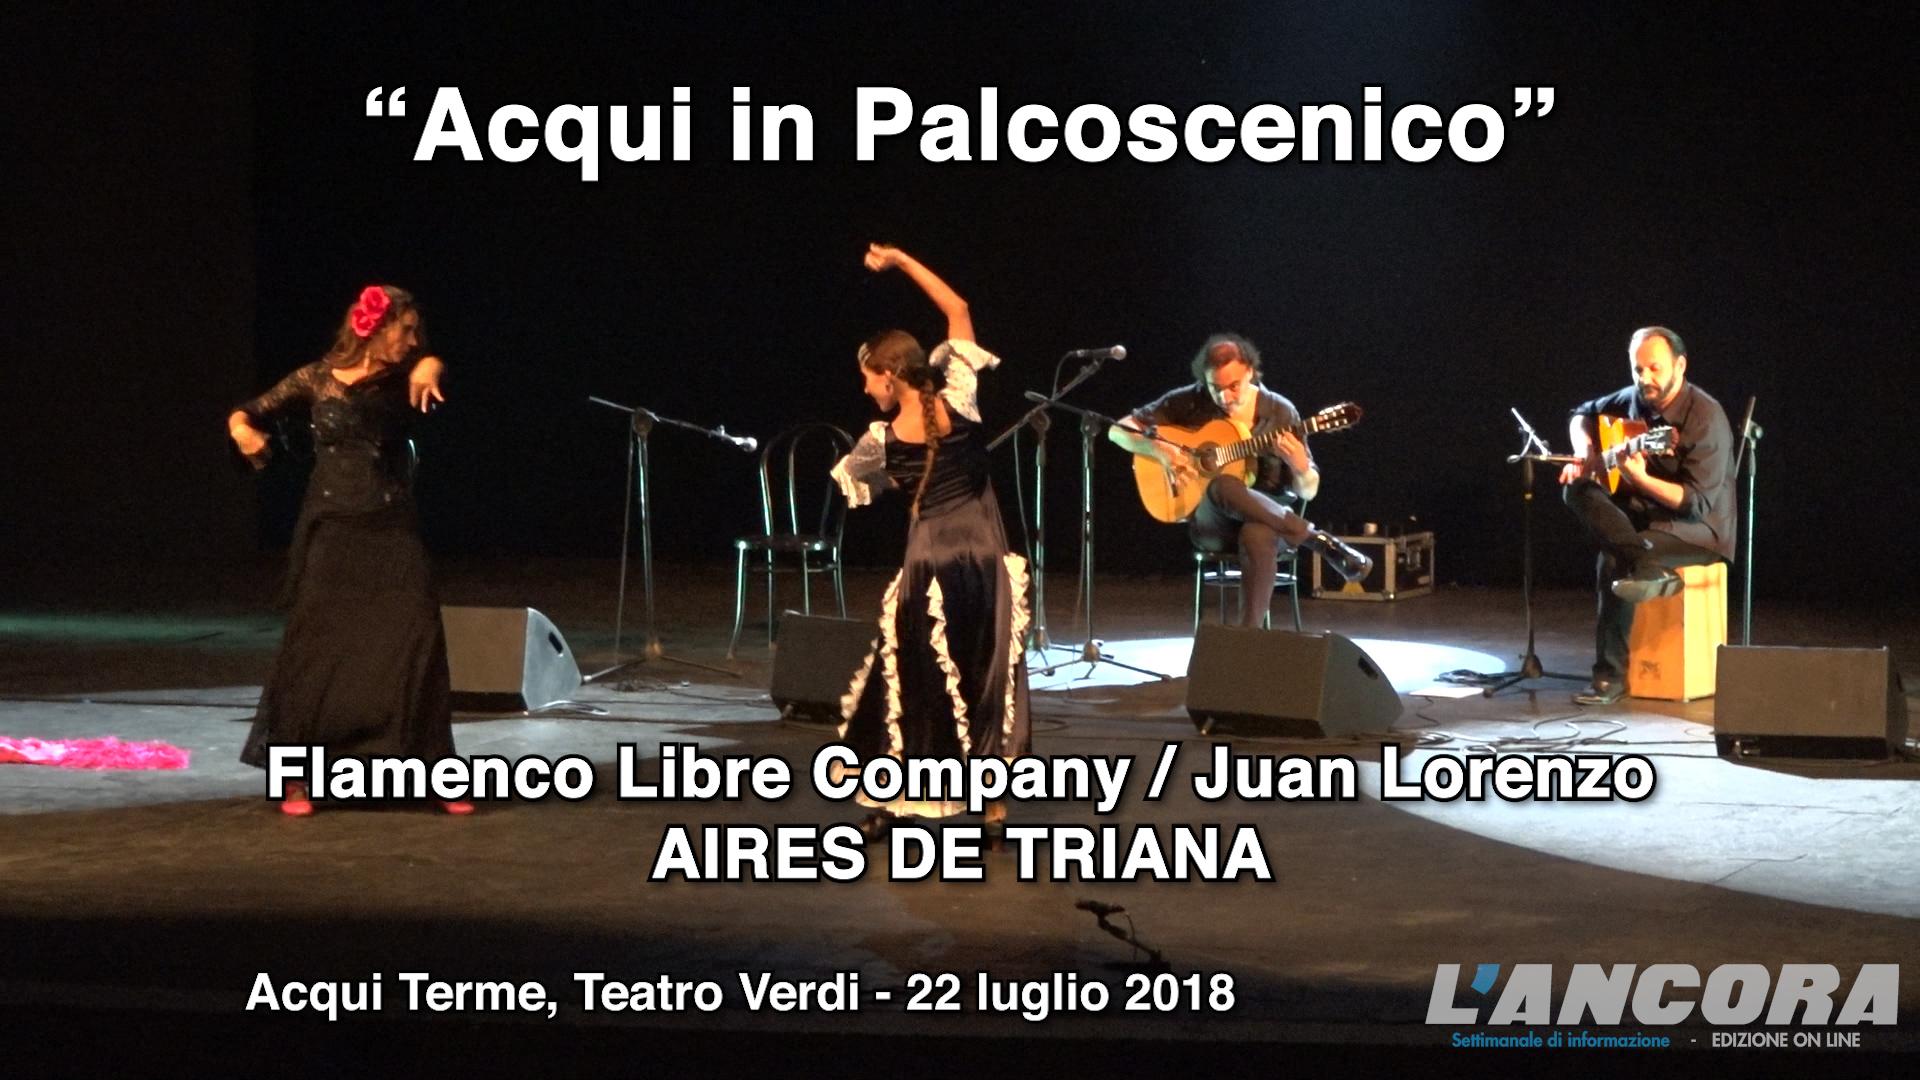 Acqui in Palcoscenico 2018, Flamenco Libre Company (VIDEO)